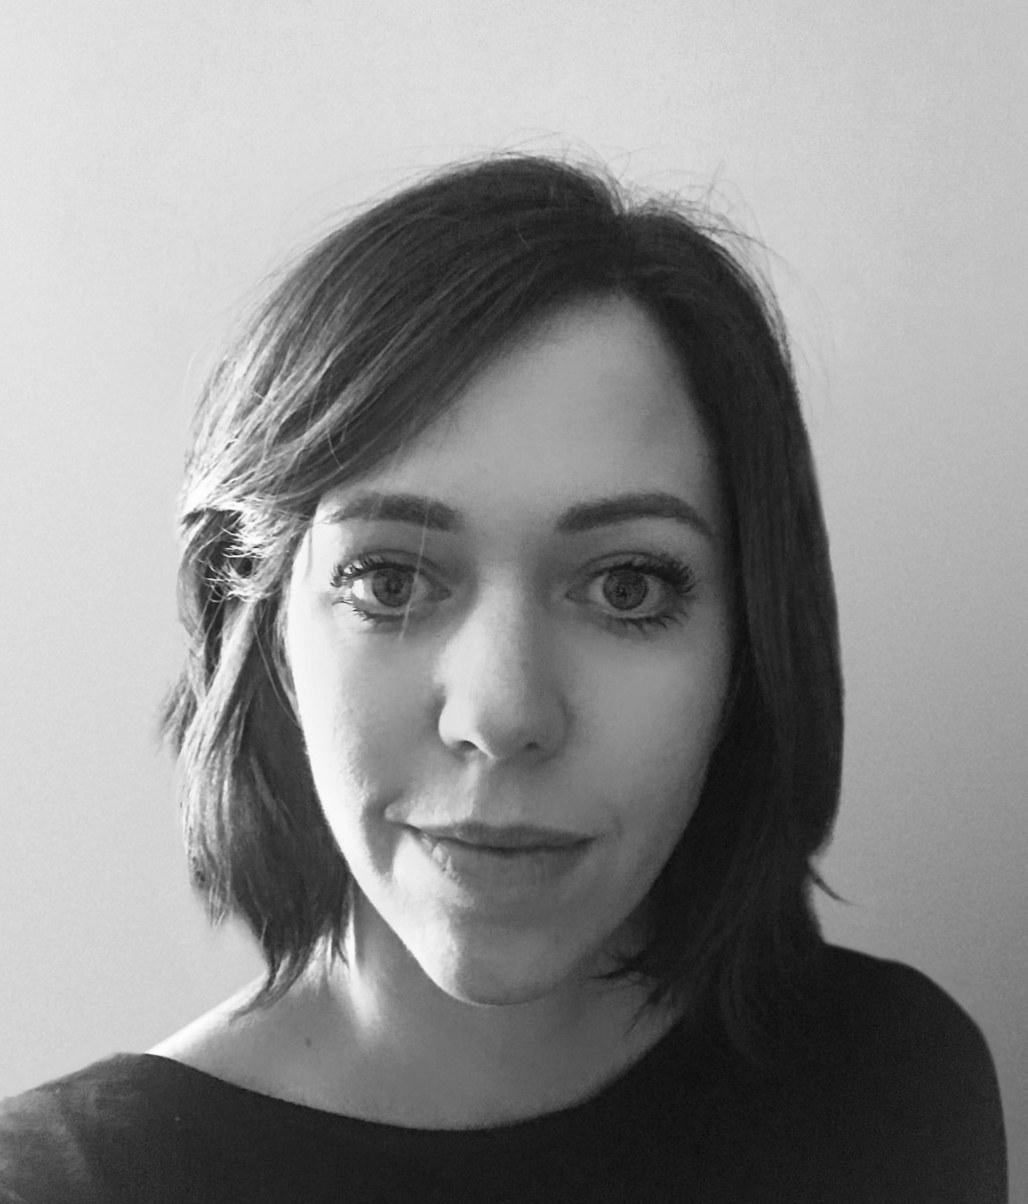 Psicologo e psicoterapeuta Milano Chiara Altamura